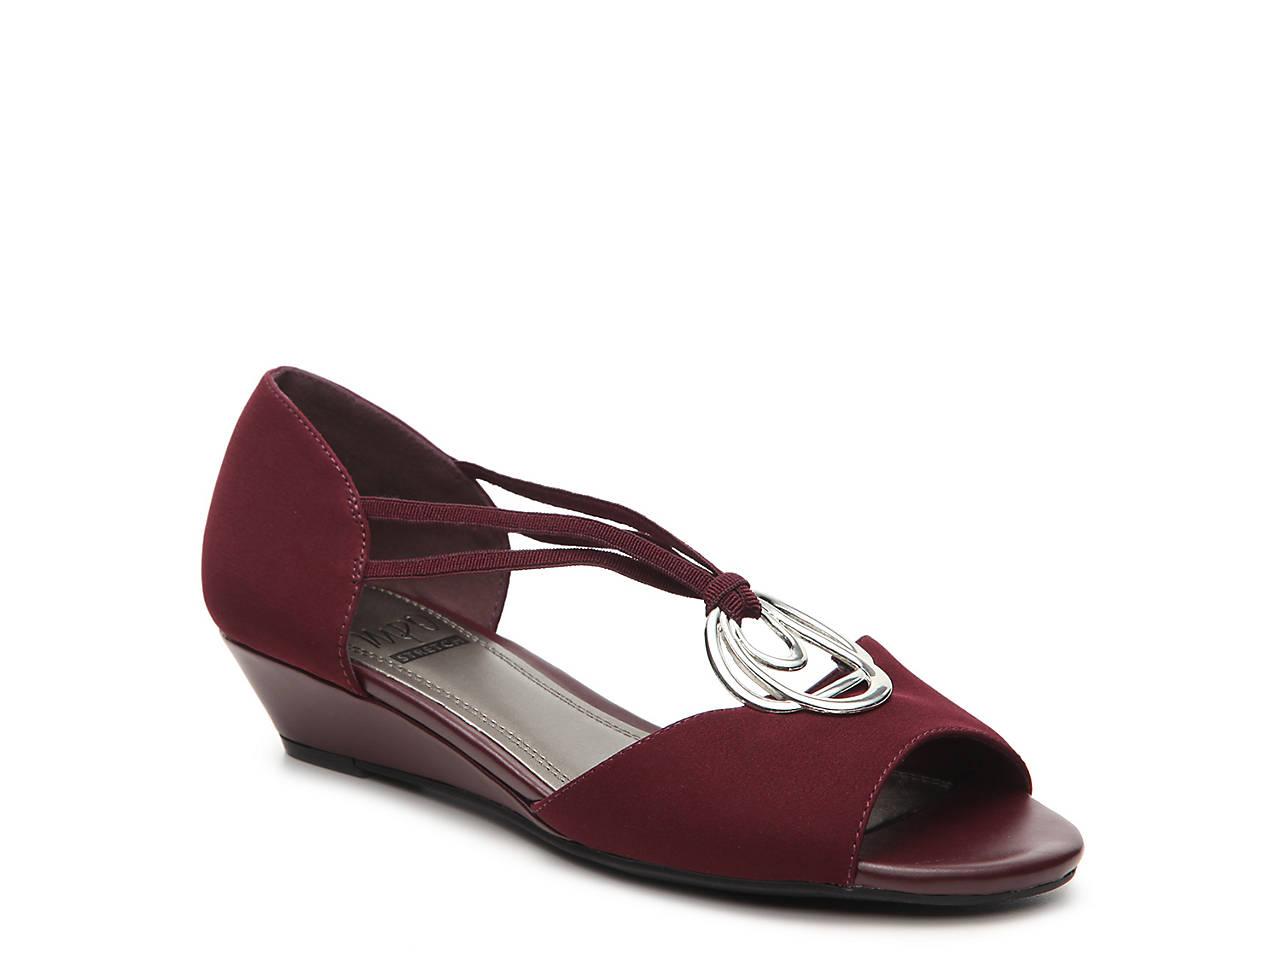 16c97297808d Impo Regis Wedge Sandal Women s Shoes